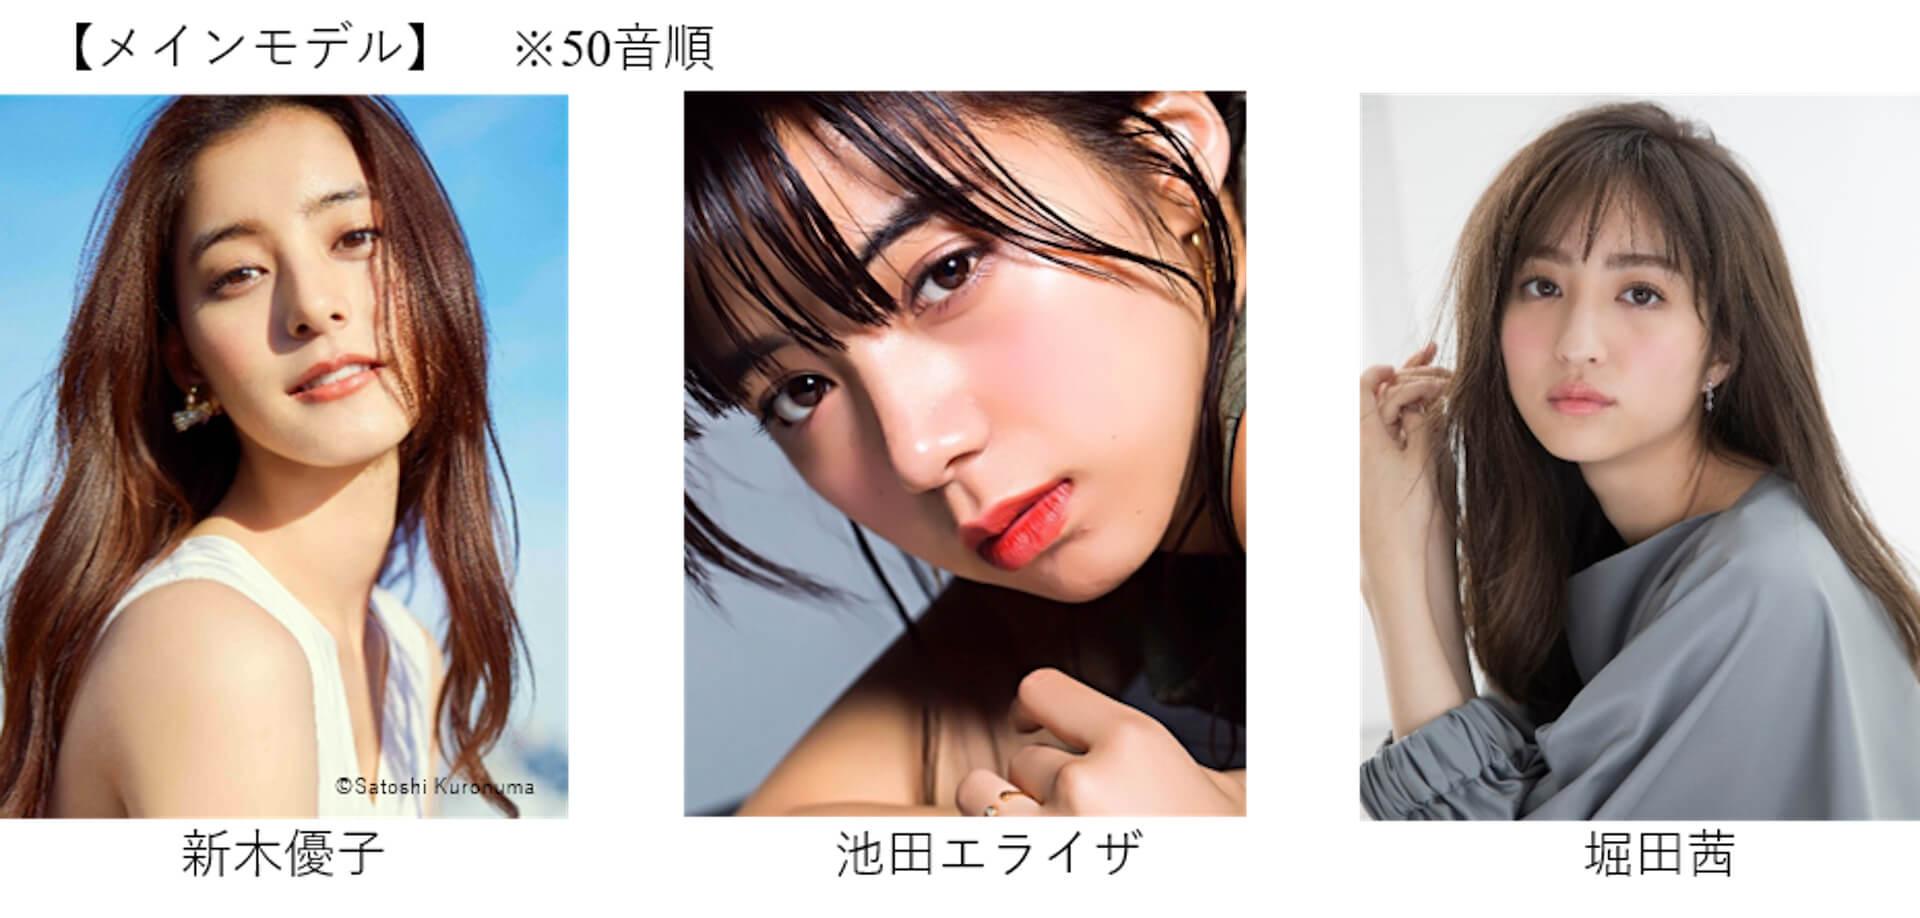 <TGC 2020 S/S>のメインアーティストとしてBLACKPINKが登場!メインモデルに新木優子、池田エライザ、堀田茜らが出演決定 life200116_tgc2020_3